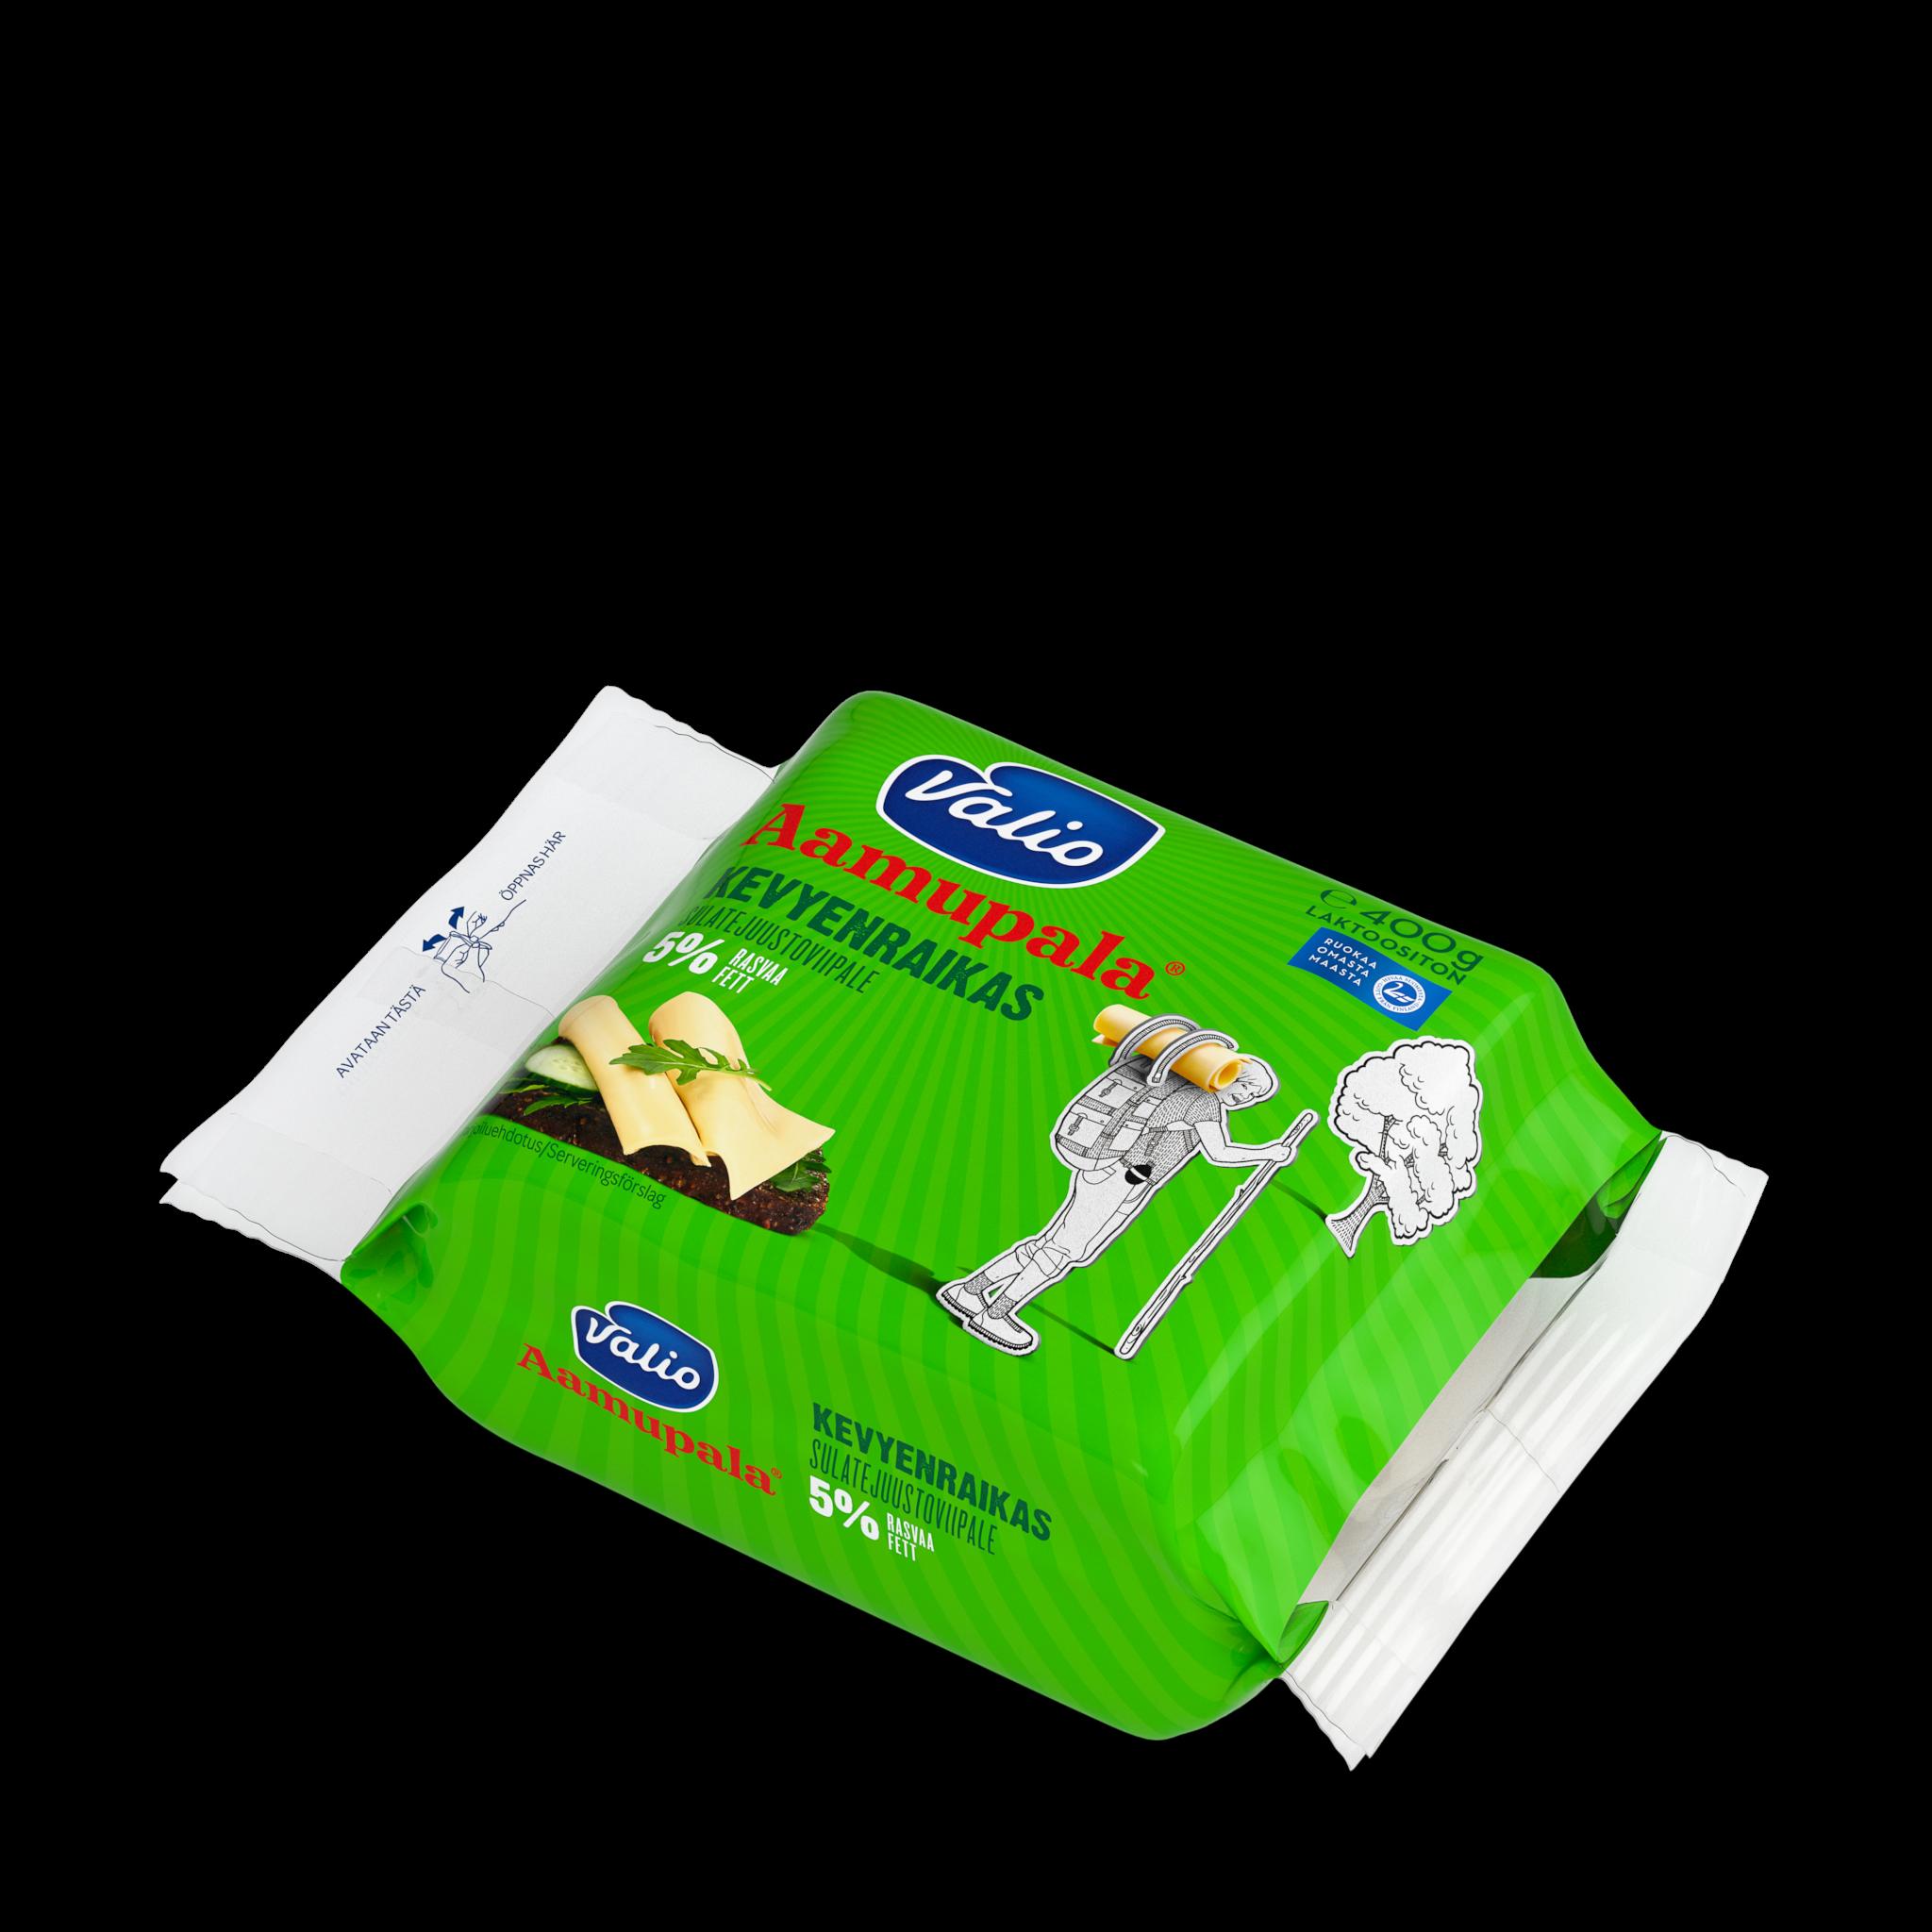 Valio Aamupala® kevyenraikas 5 % sulatejuustoviipale